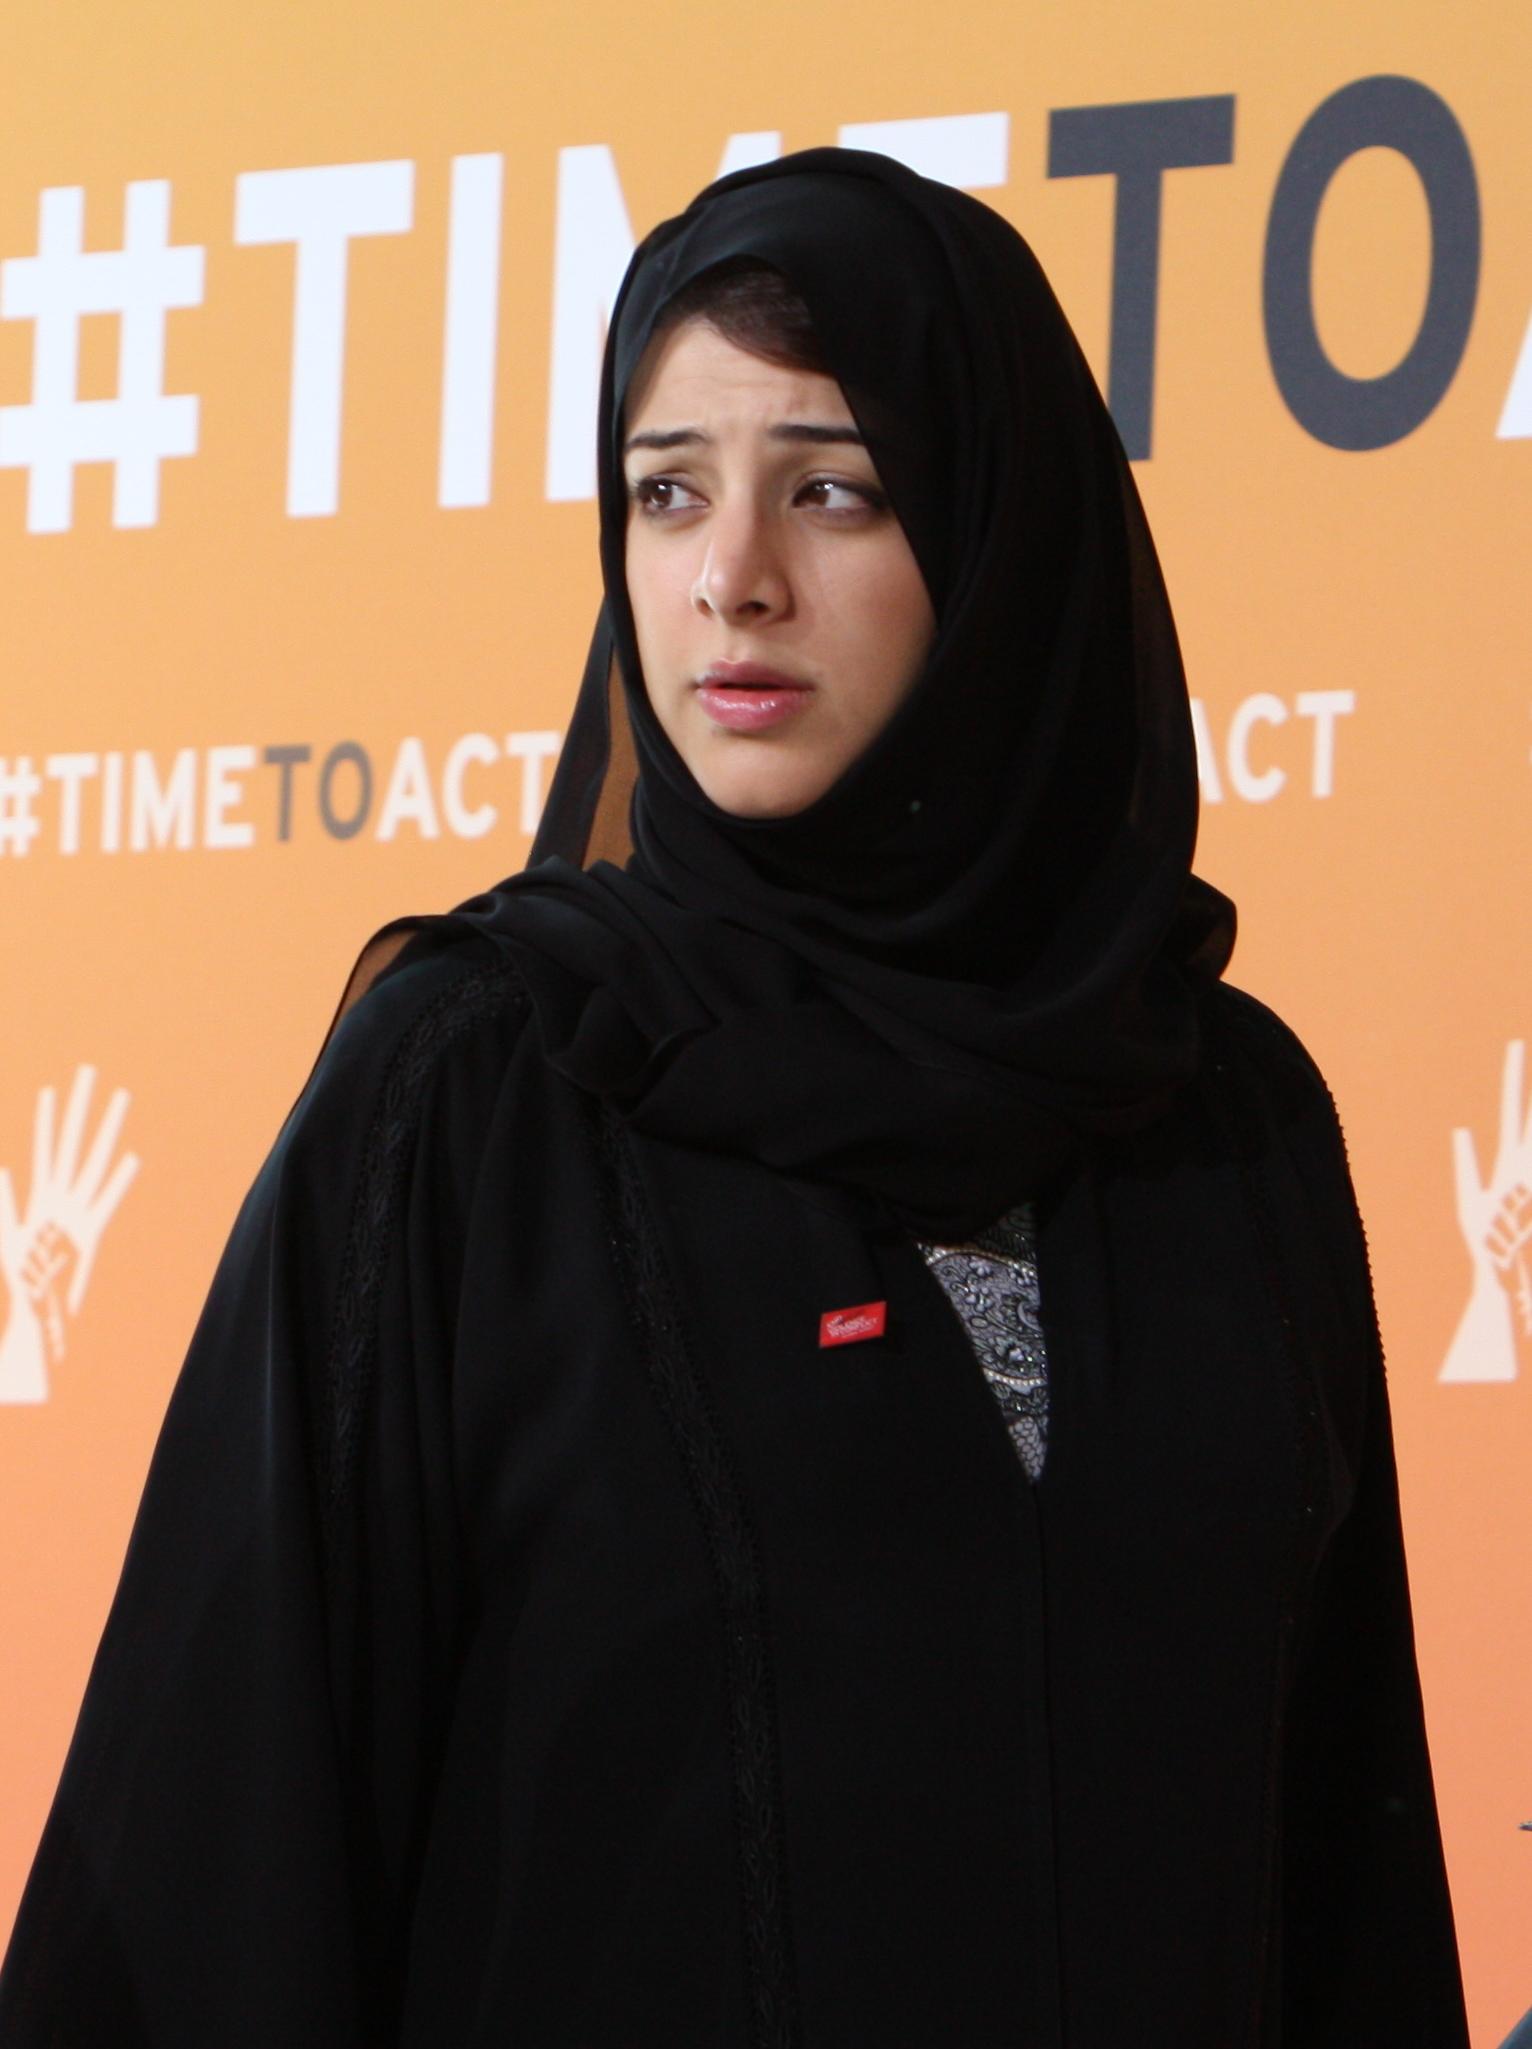 ريم الهاشمي… ابرز معالم اكسبو دبي ستكون  التكنولوجيا والذكاء الاصطناعي